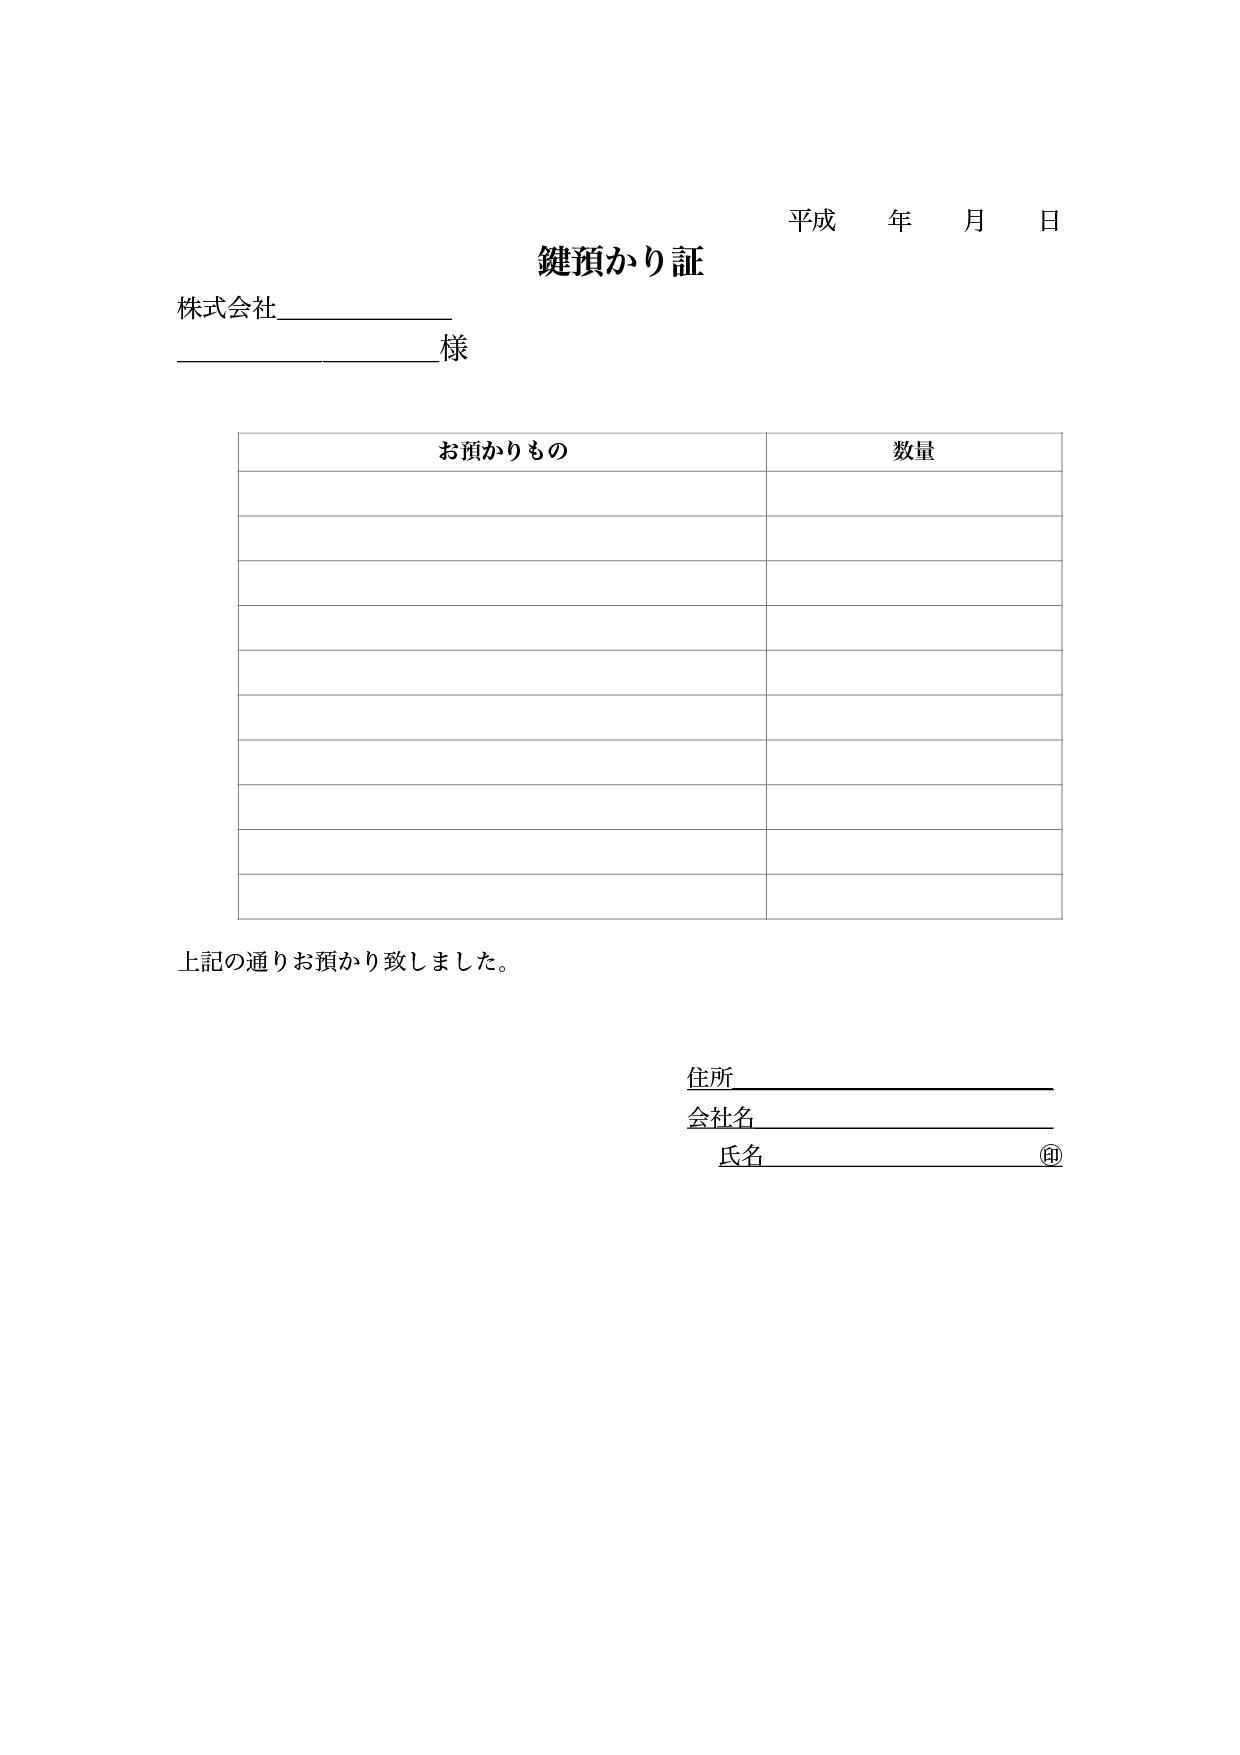 鍵預り証 テンプレート_シンプル(ワード・ページズ)